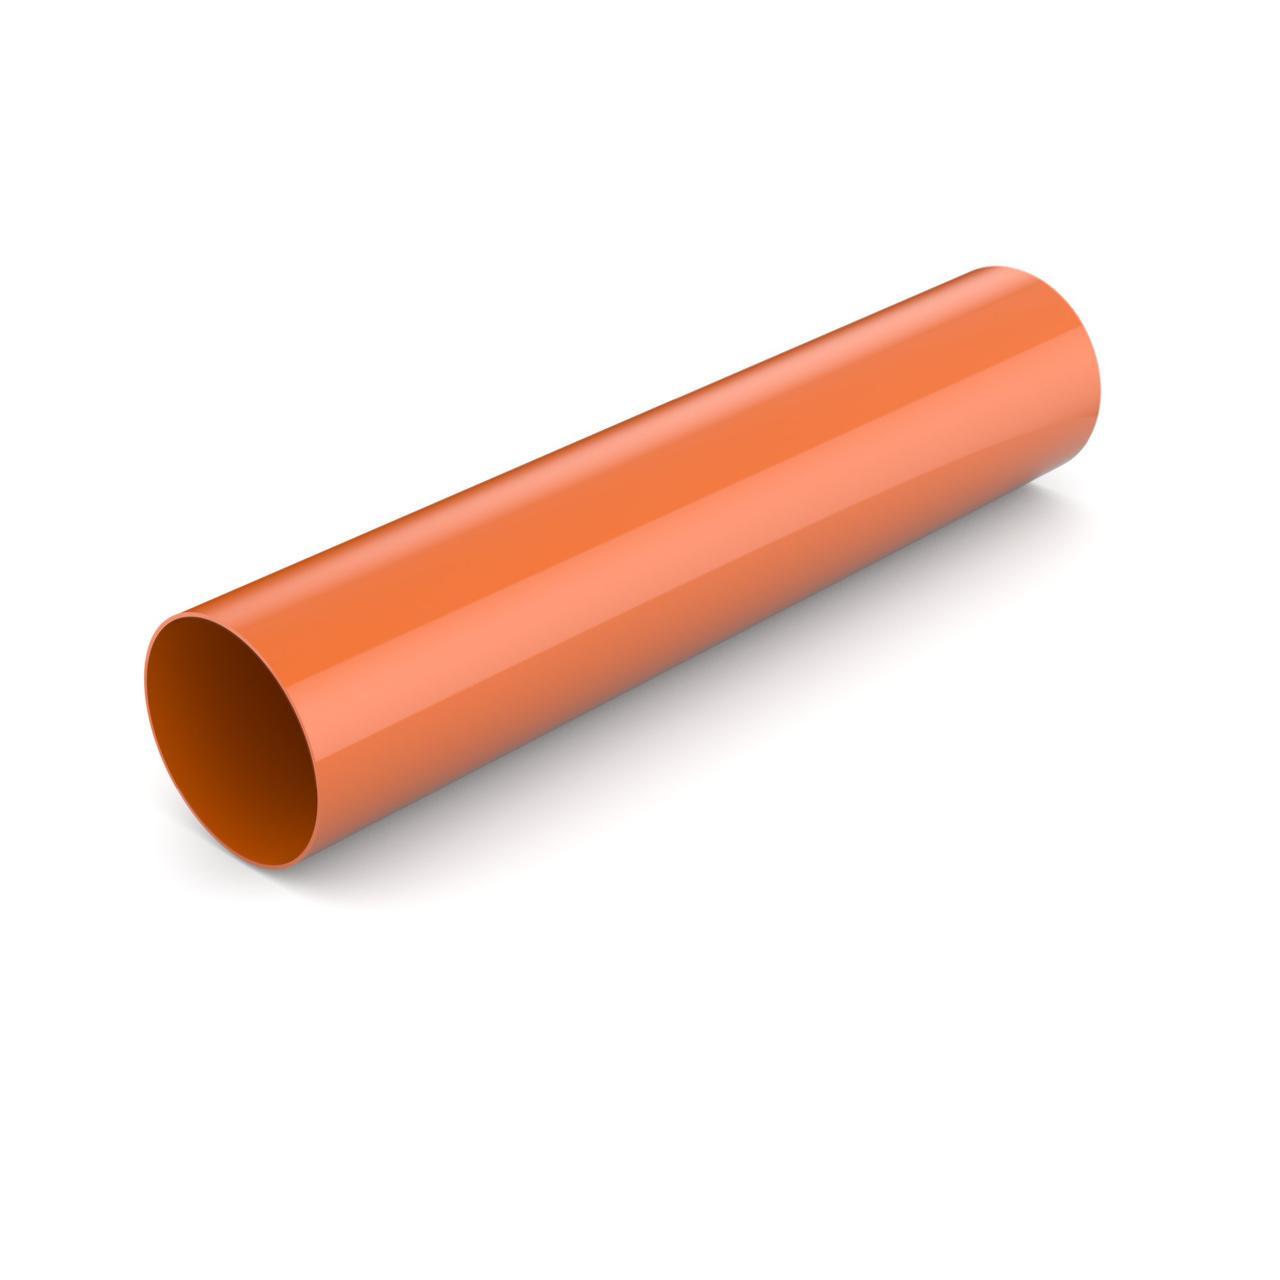 Водостічна труба Водосточная труба 90 мм Водосточная система BRYZA Бриза ПВХ Польща кирпичный 8004